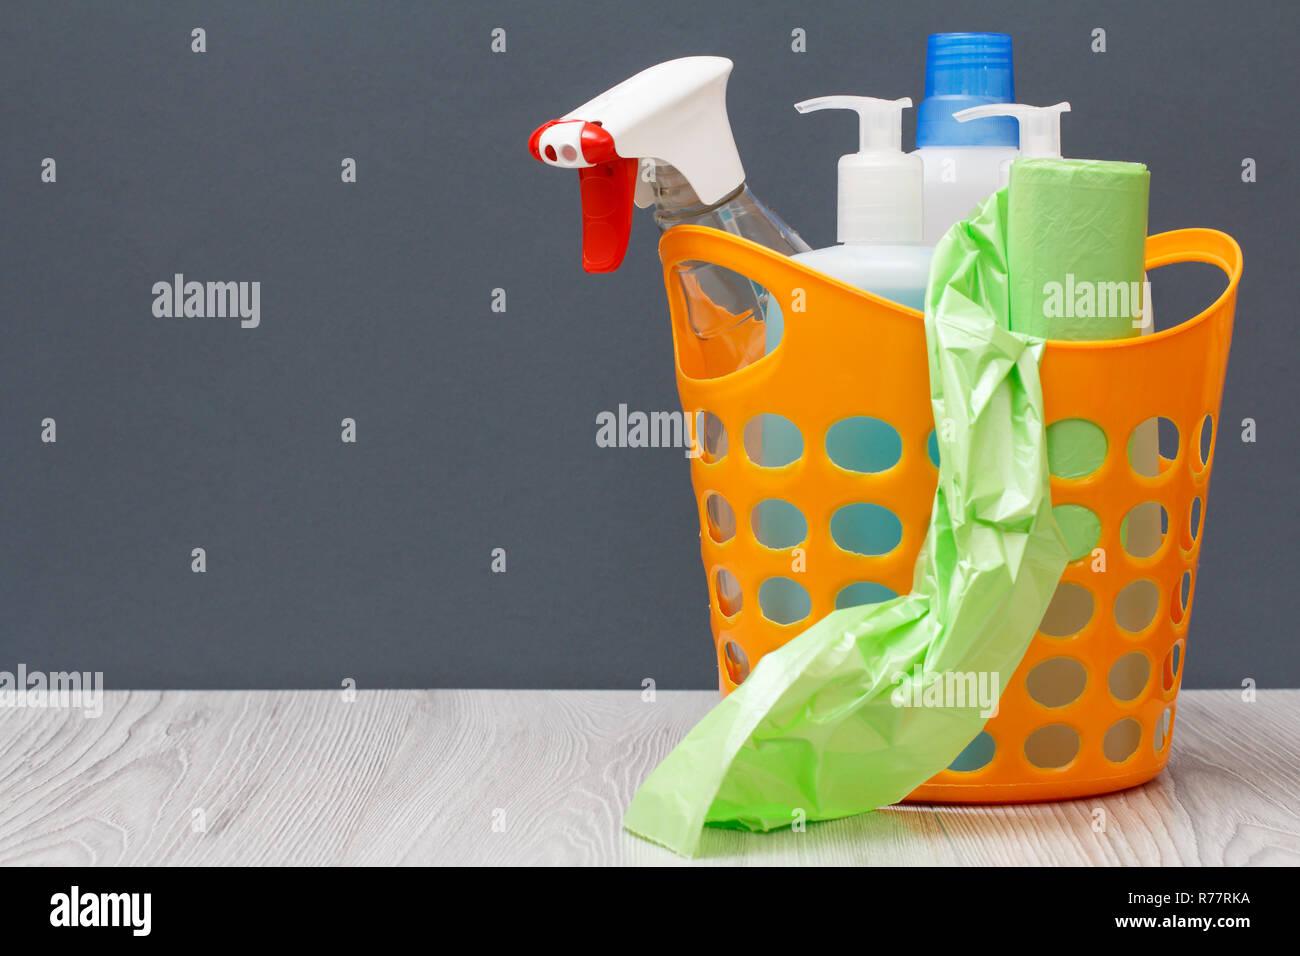 Cesto in plastica con sacchi della spazzatura bottiglie di